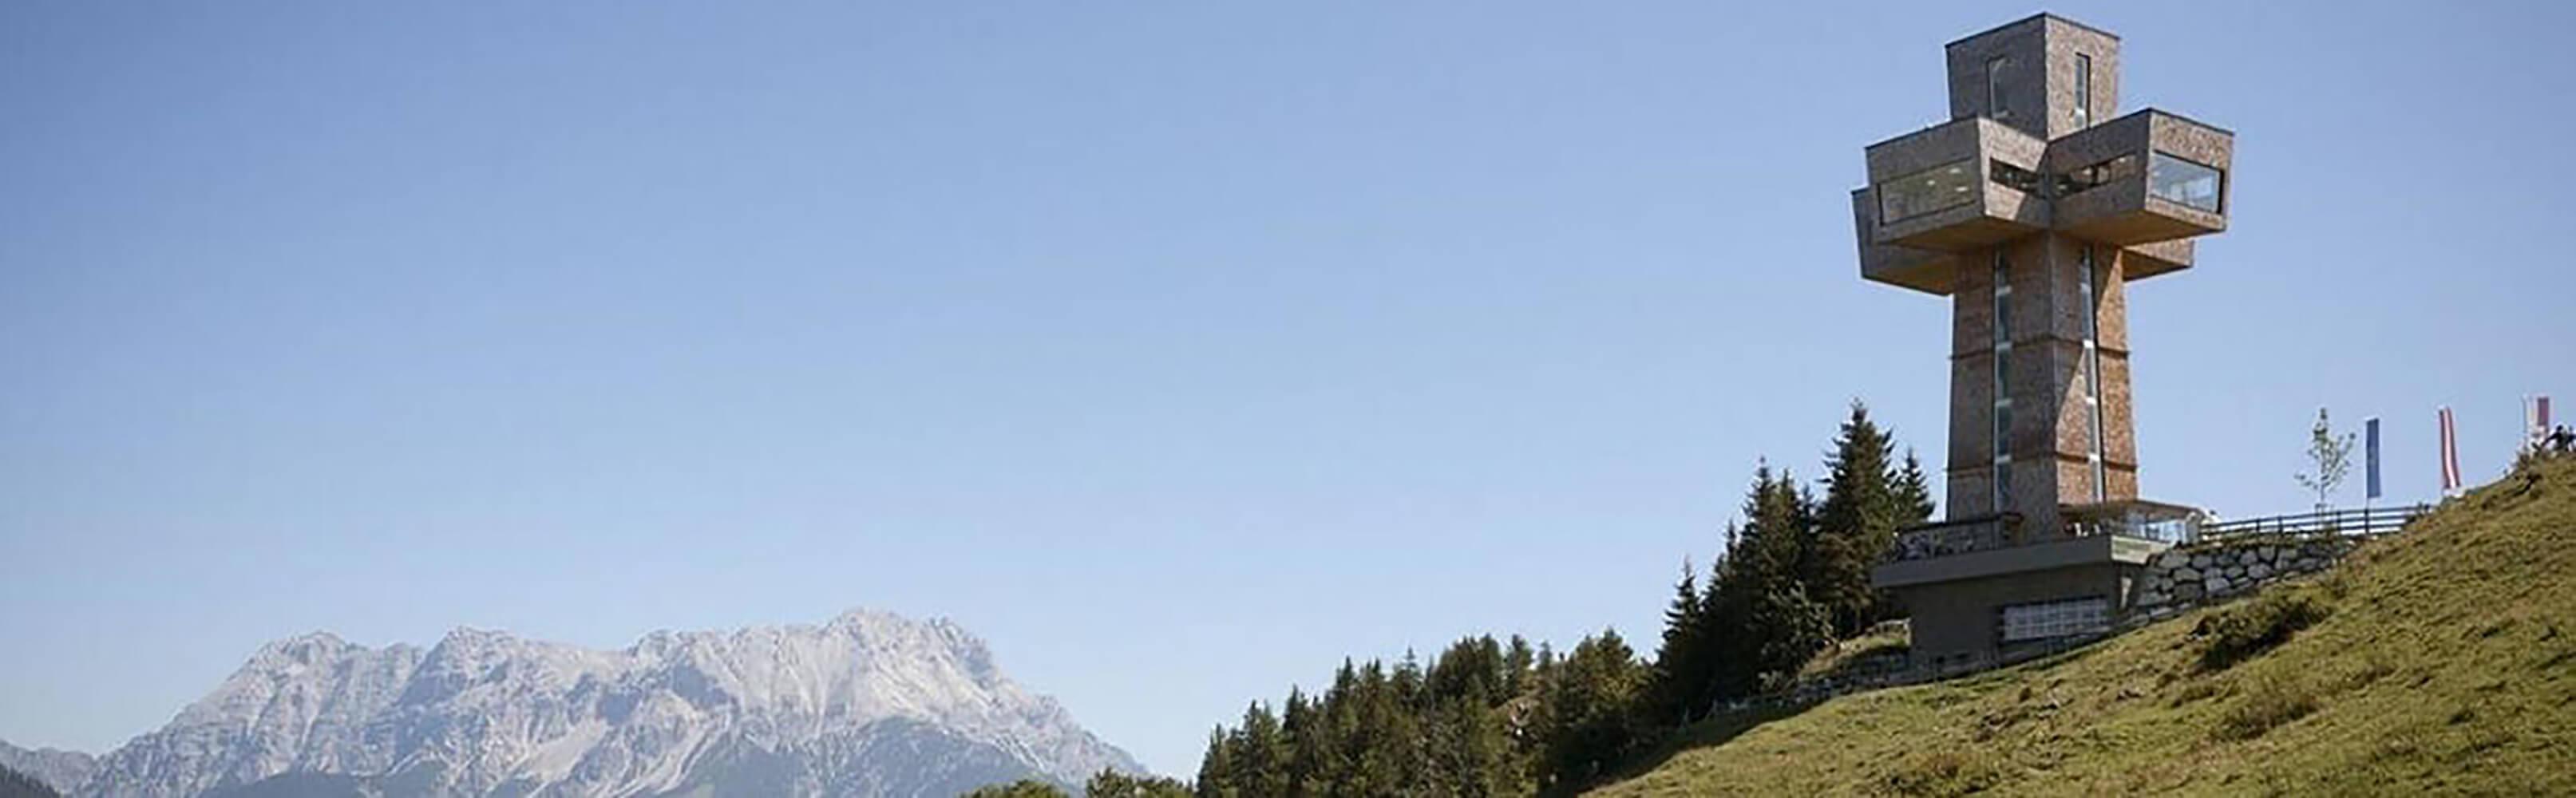 Tirol - Tiroler Sommerbahnen 1